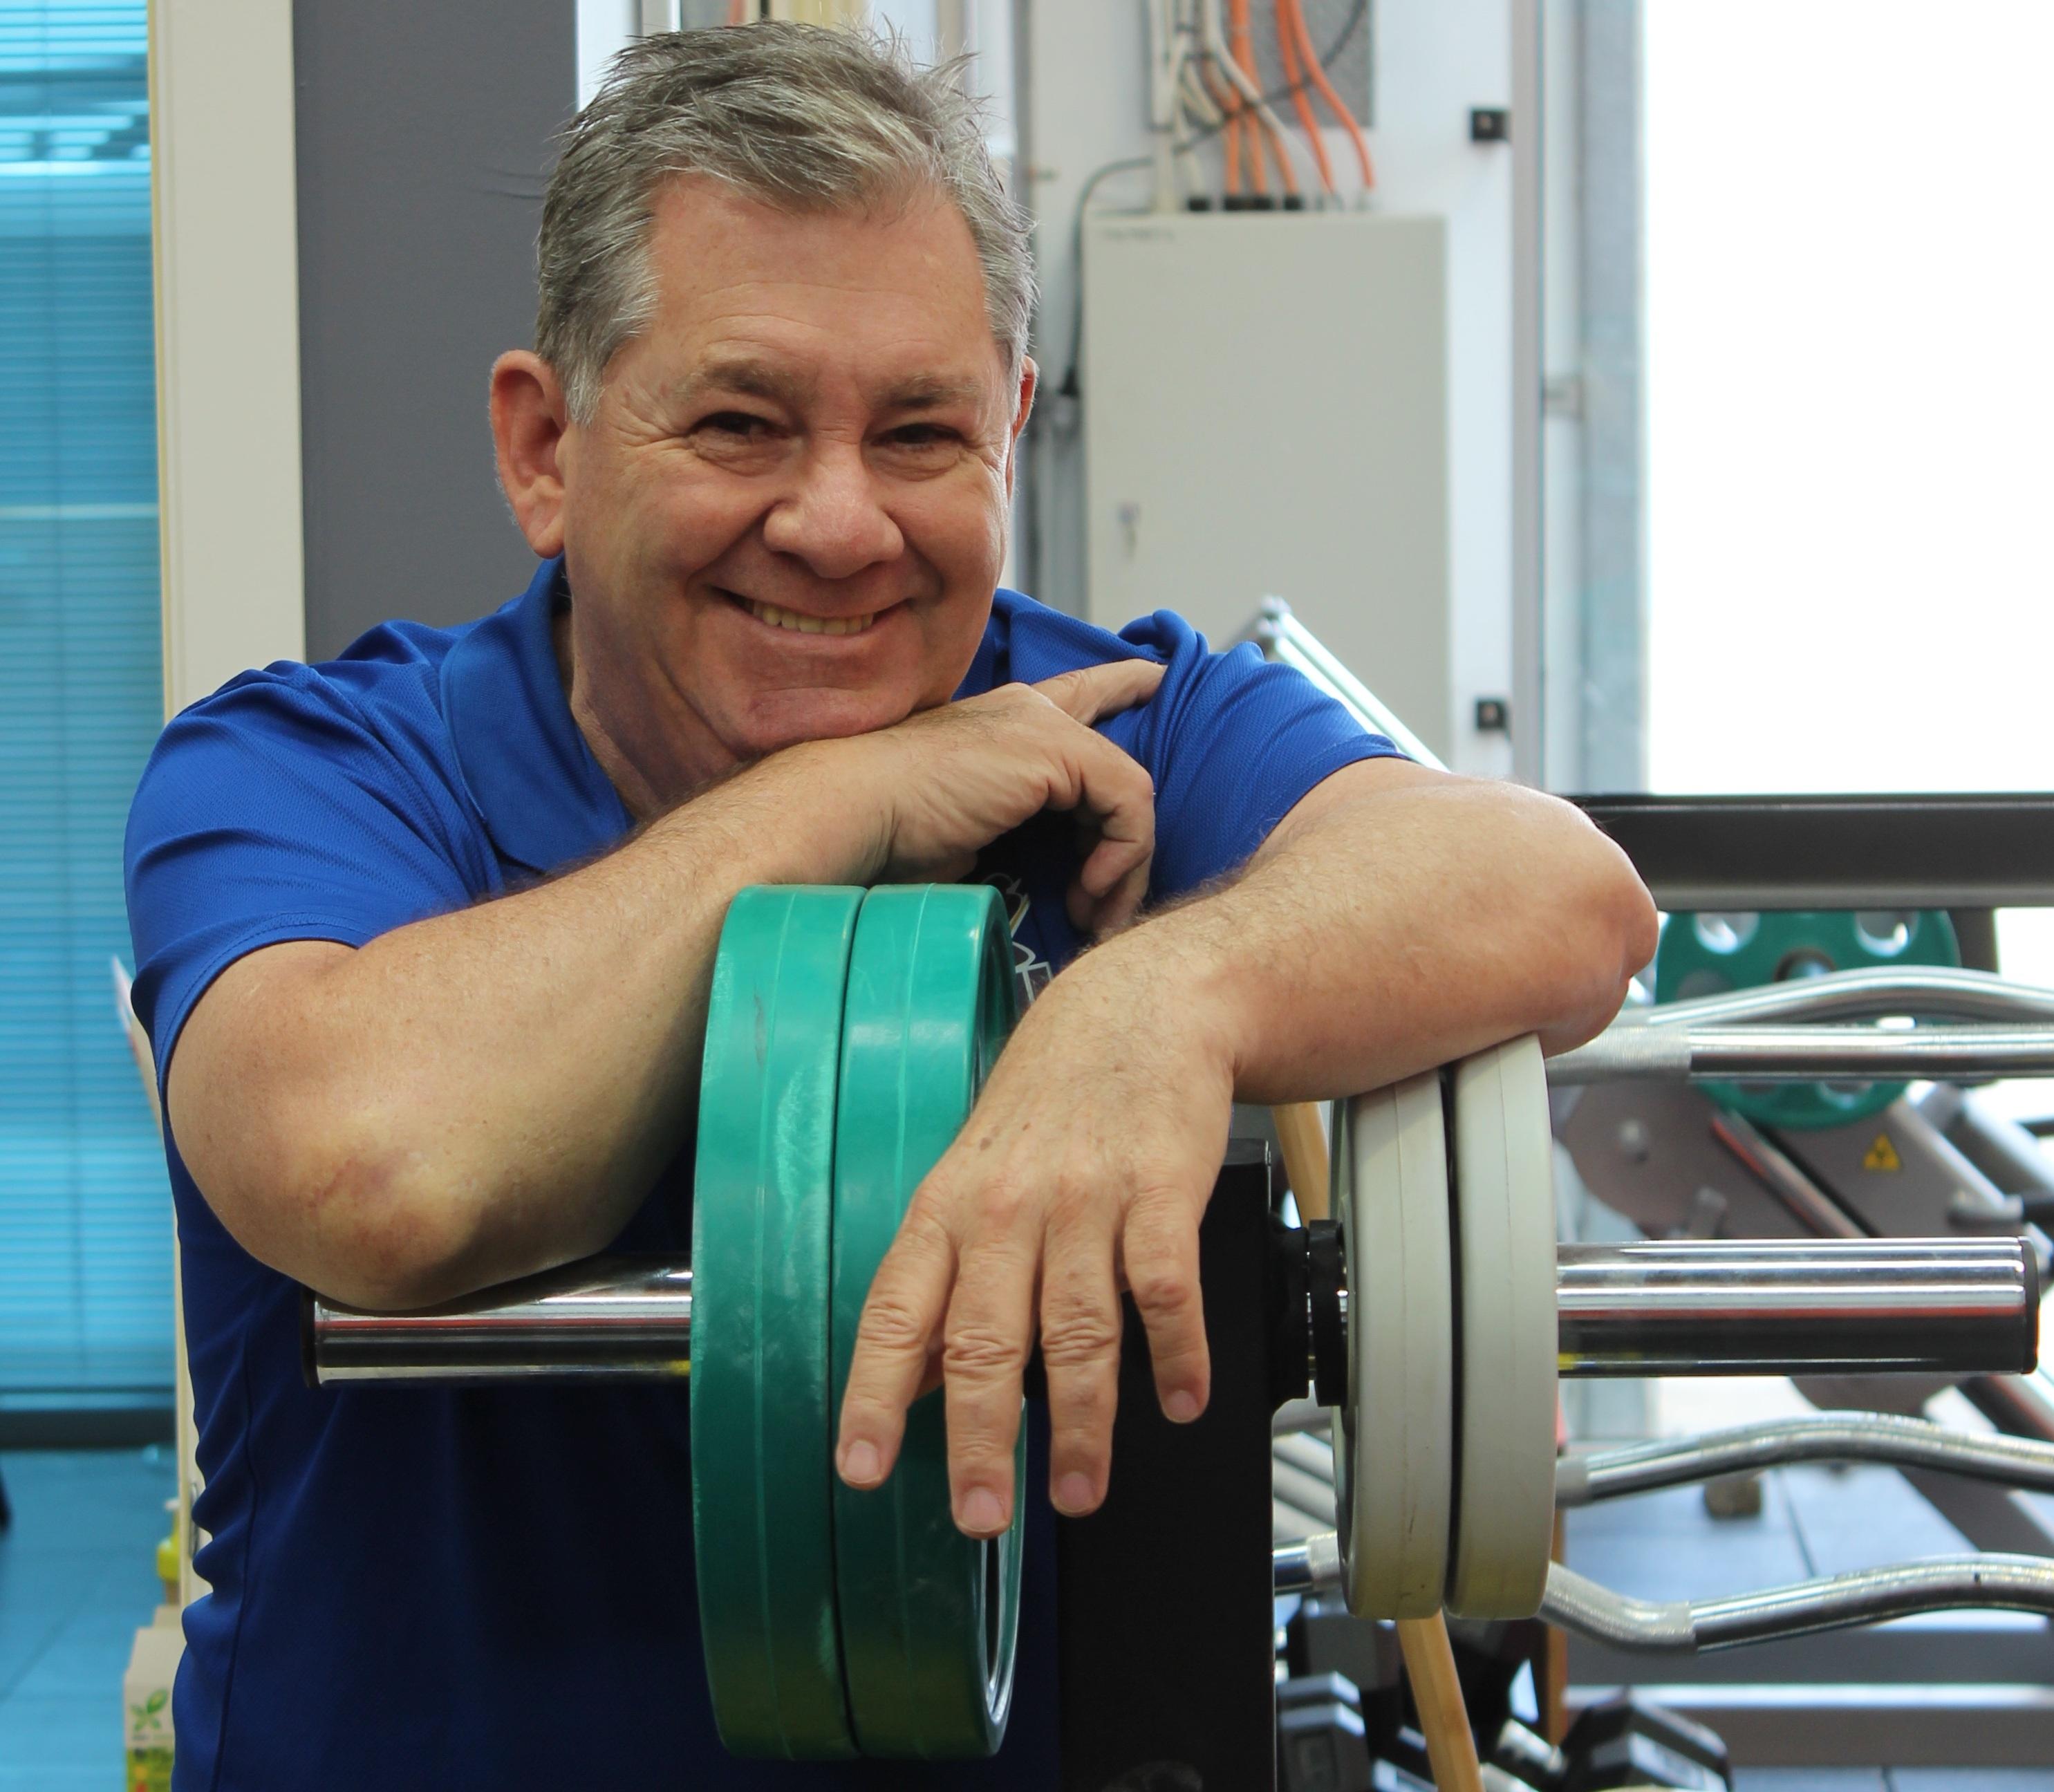 Immer mehr Senioren in Fitnessstudios – kaernten.ORF.at